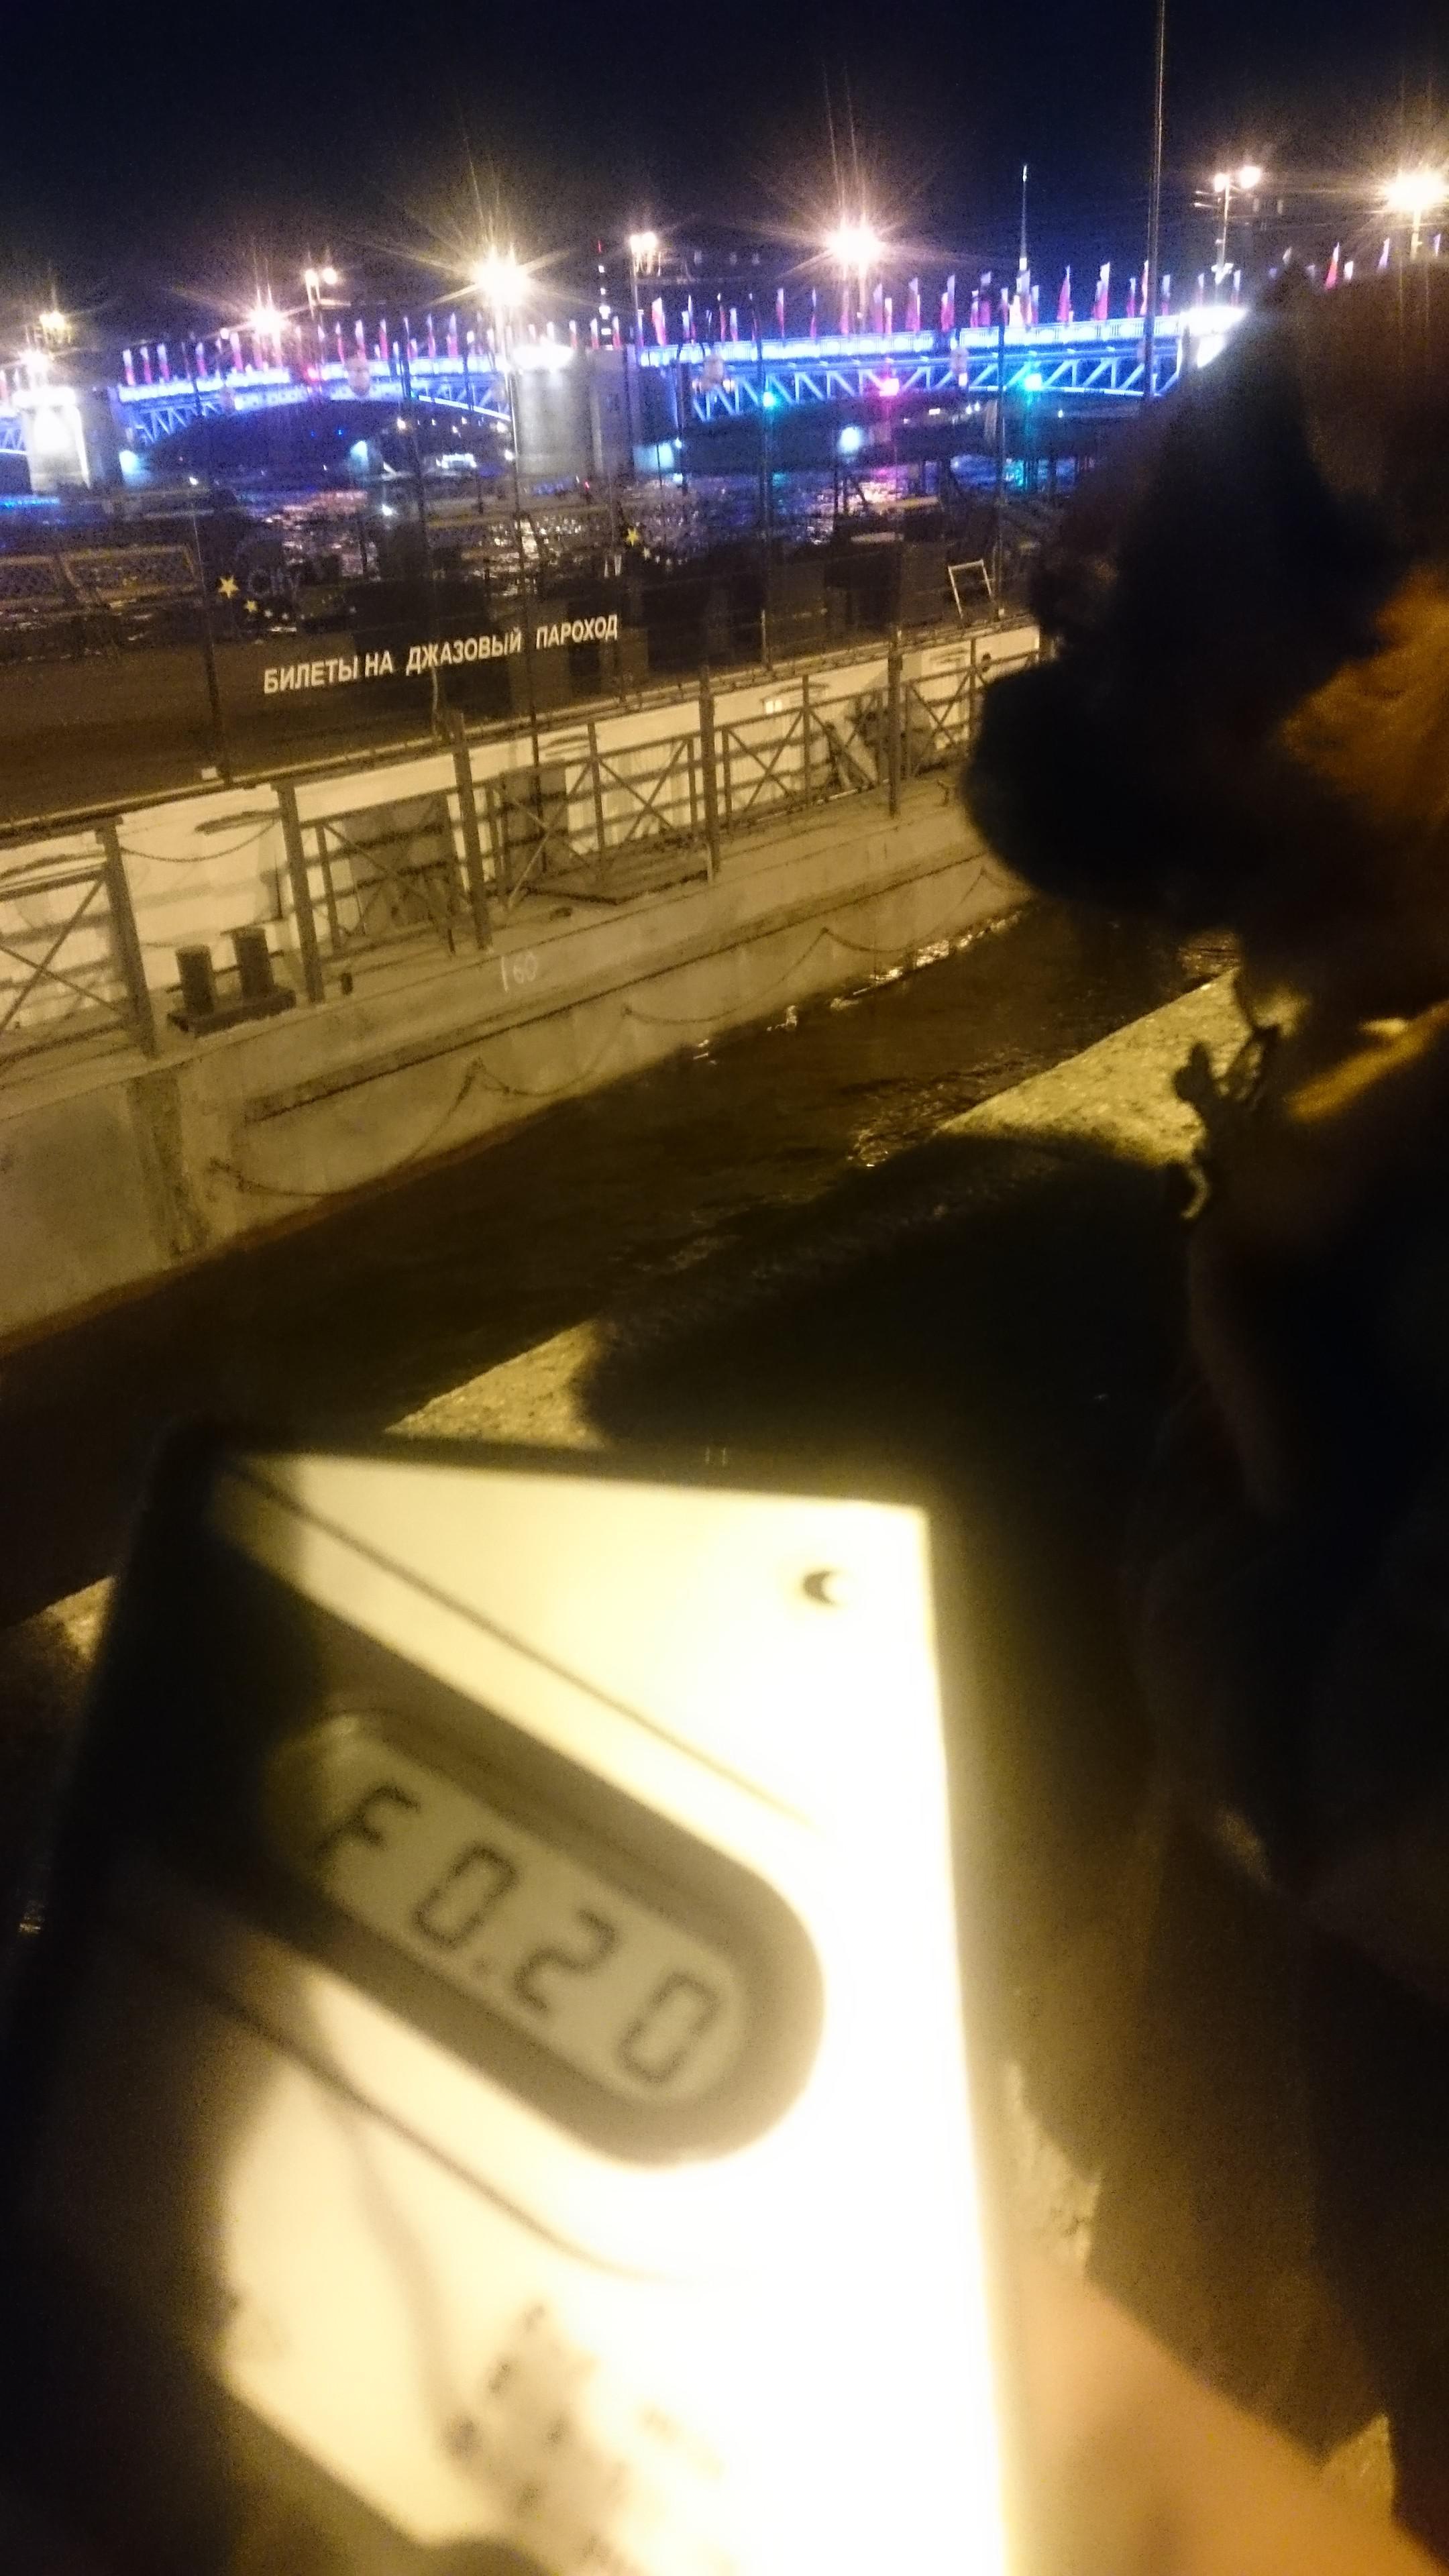 Точка измерения МЭД гамма-излучени на Адмиралтейской набережной в Санкт-Петербурге